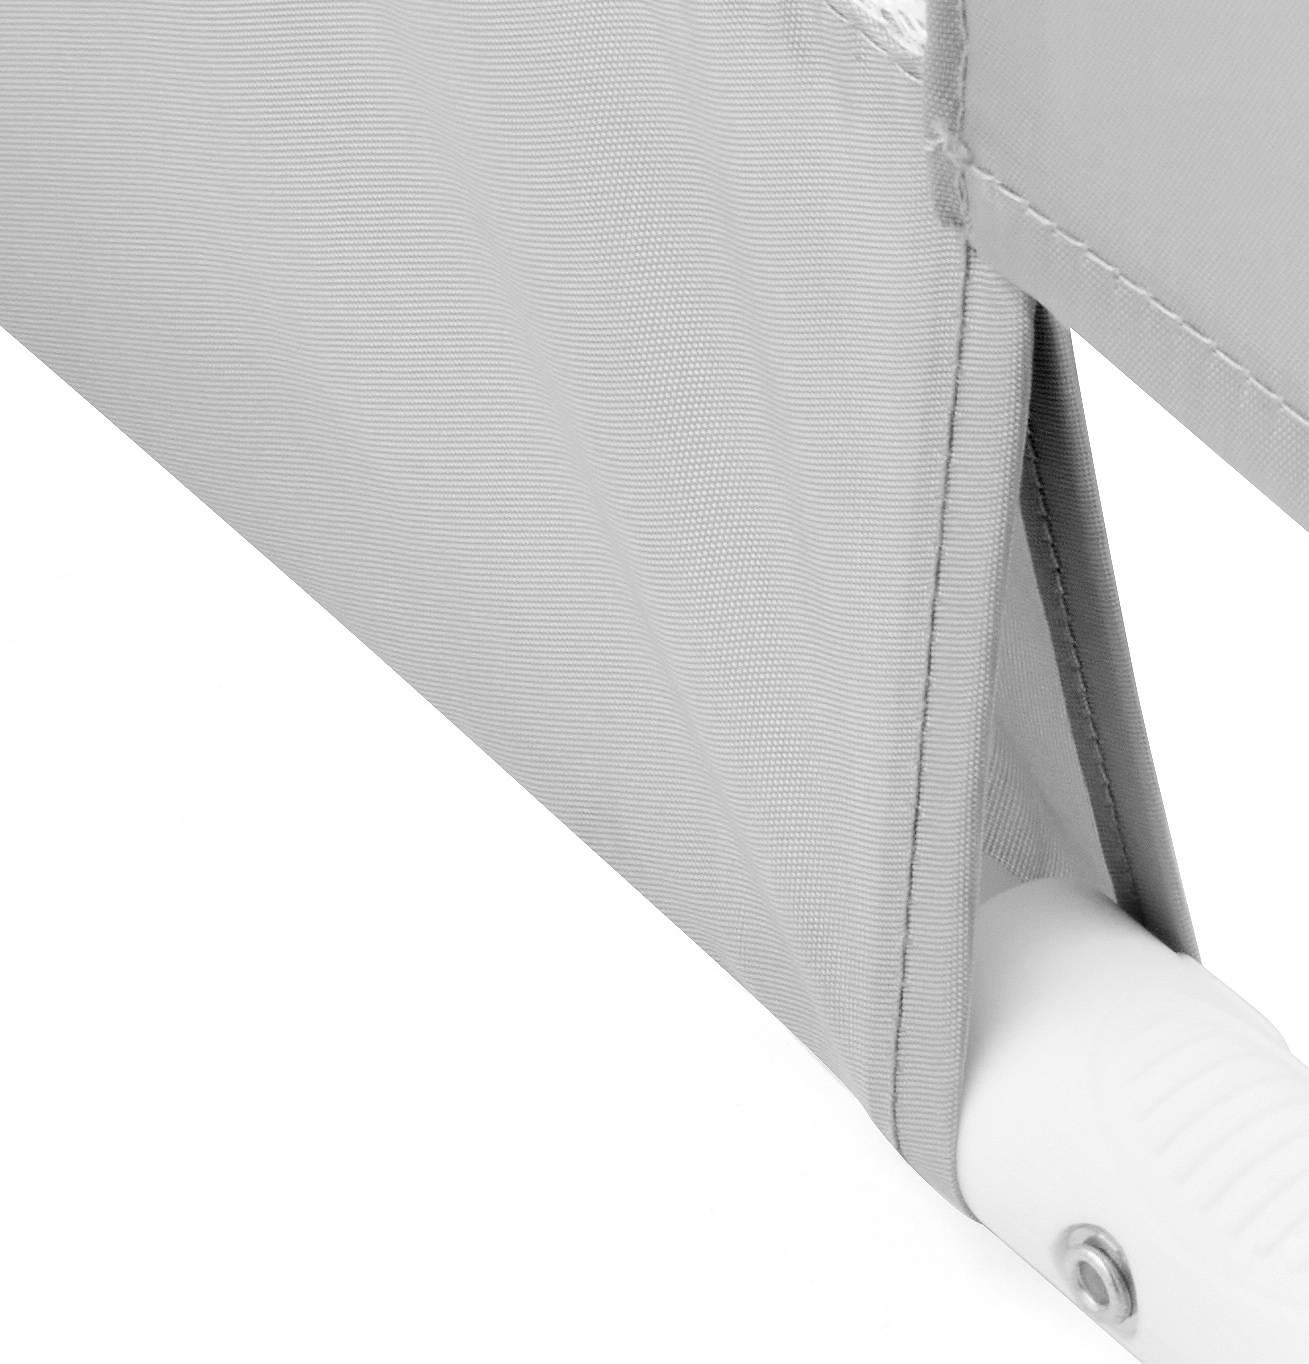 Barierka Ochronna do Łóżka - Bed Rail - kolor szary